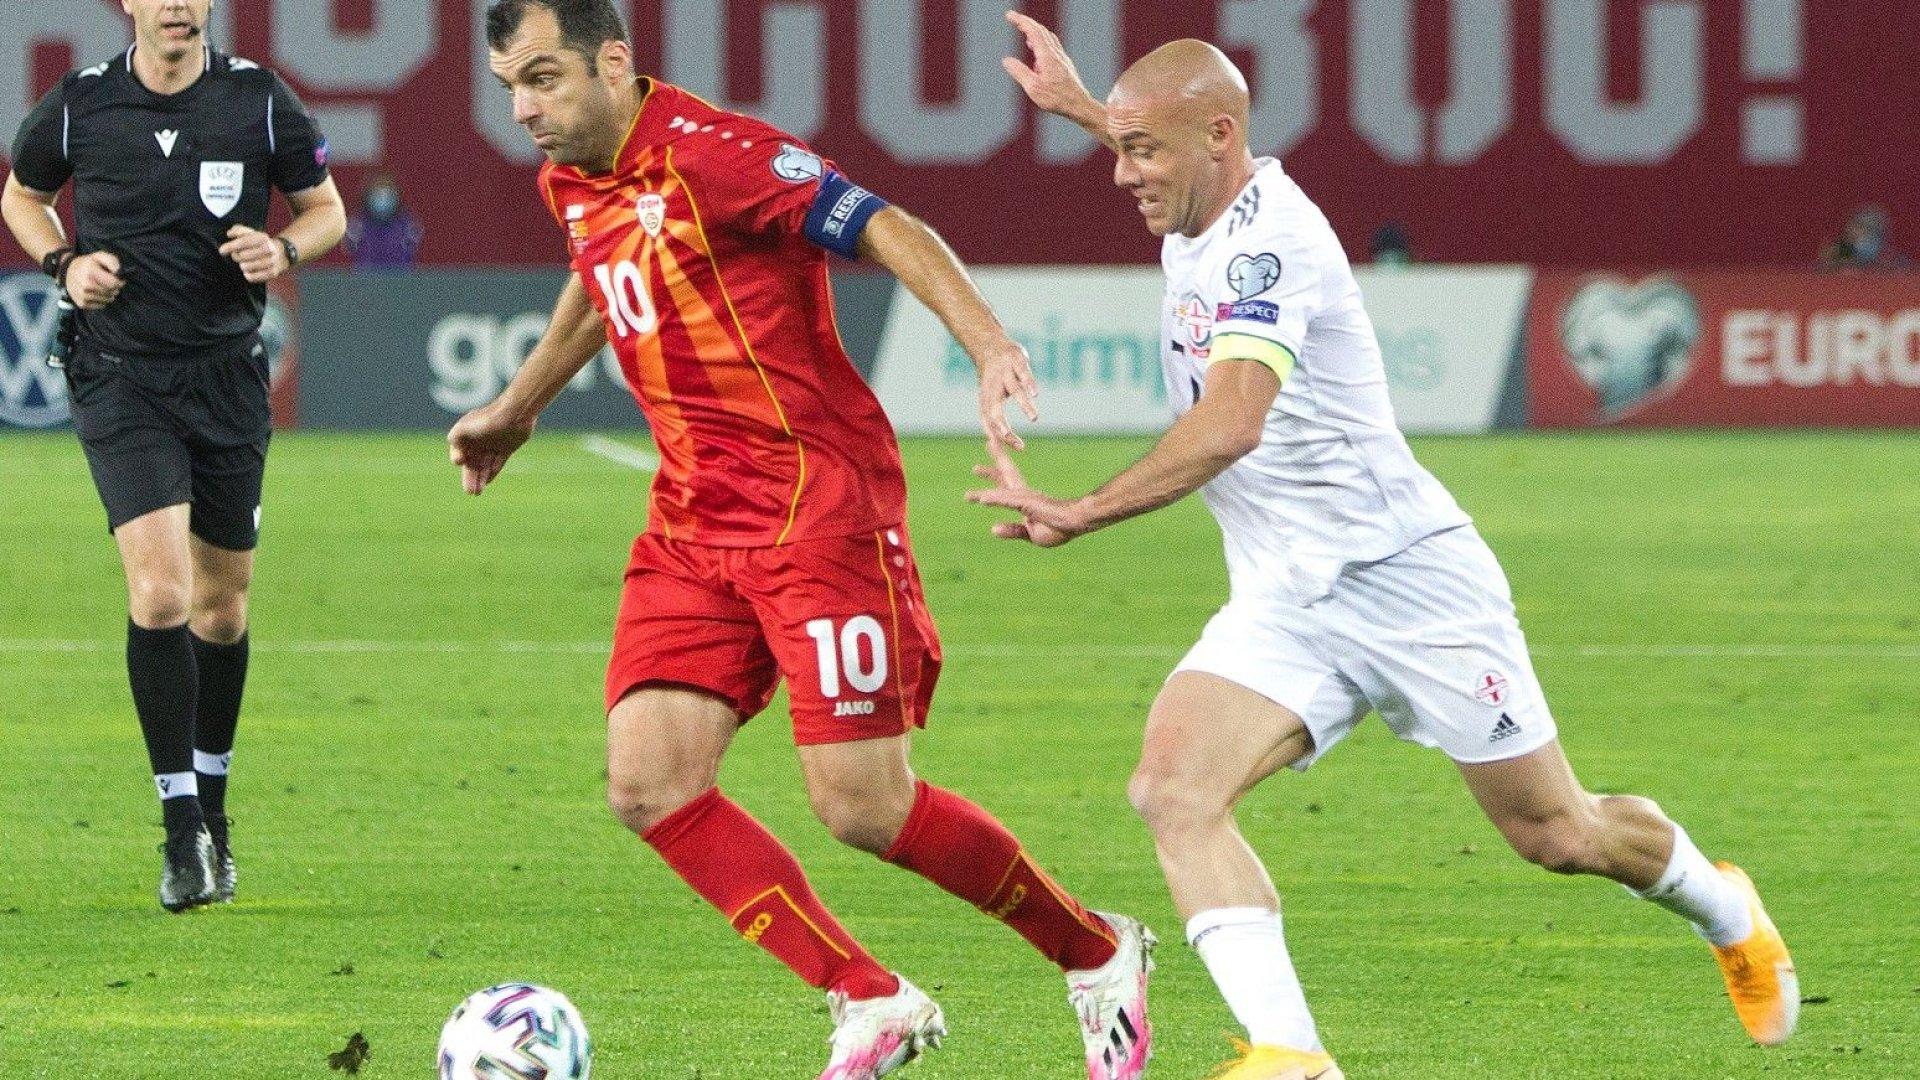 Звездата на Северна Македония е по-стар от държавата, шегуват се в Англия